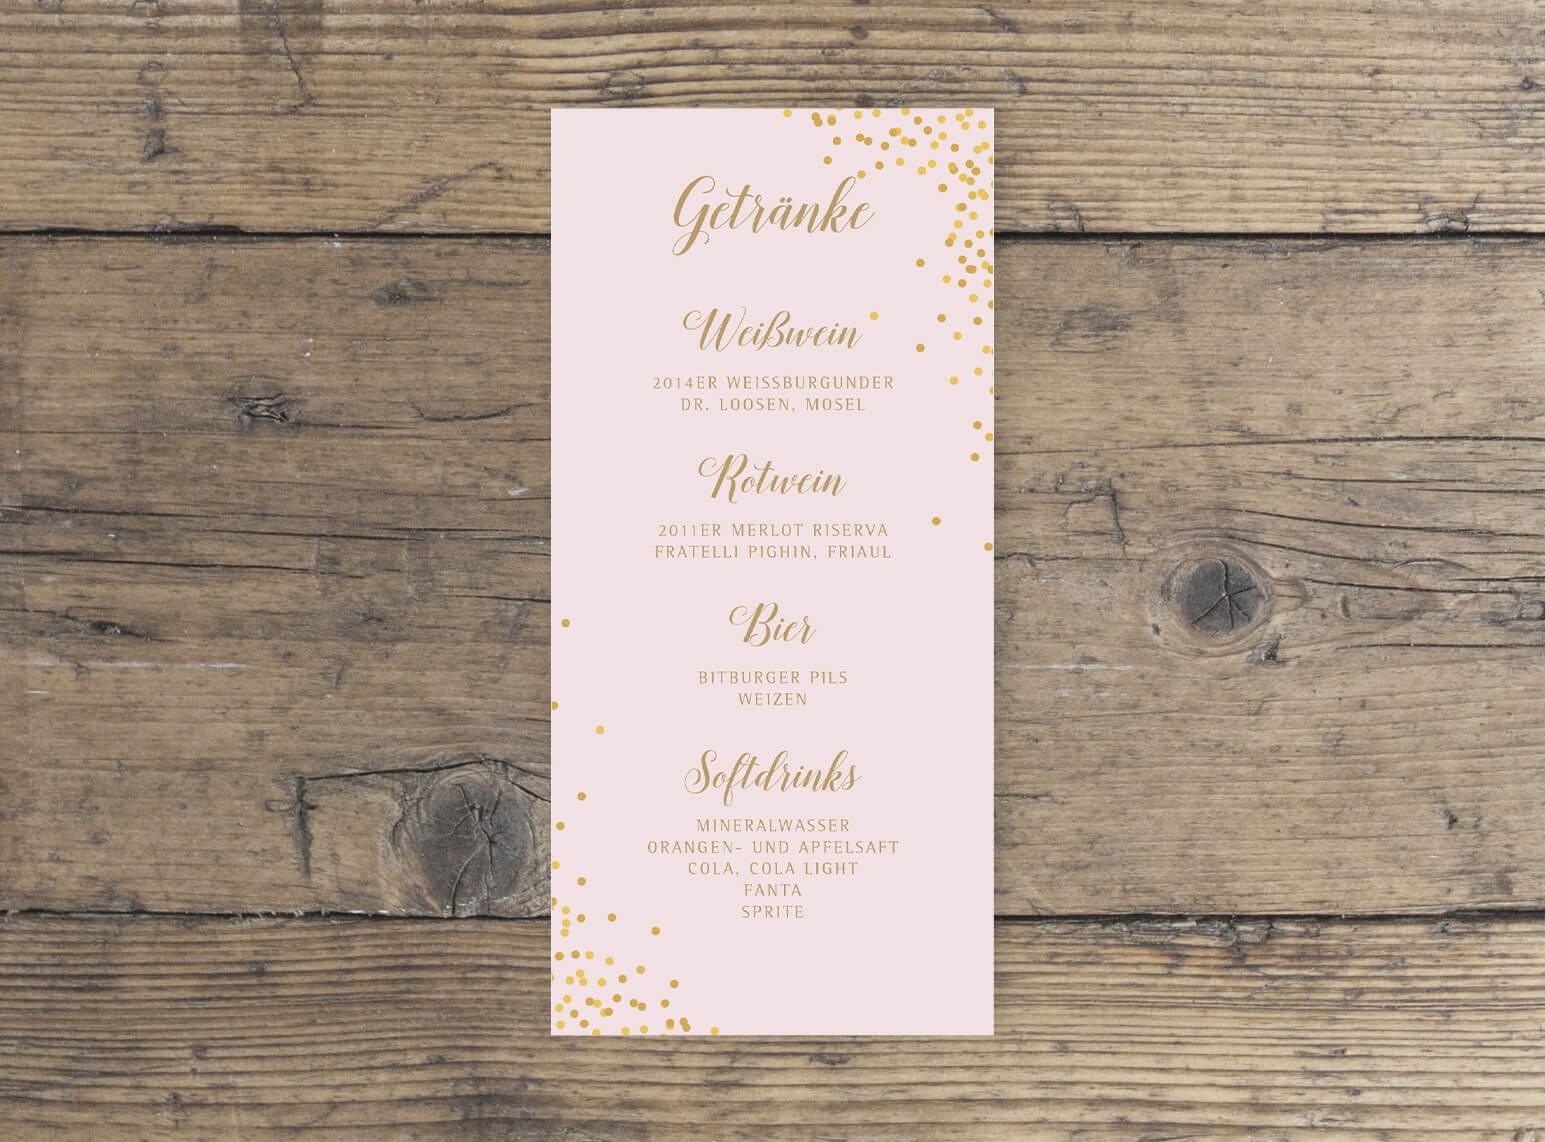 Hochzeit Getränkekarte DINlang Hochformat rosa gold geschwungene Schrift vorderseite